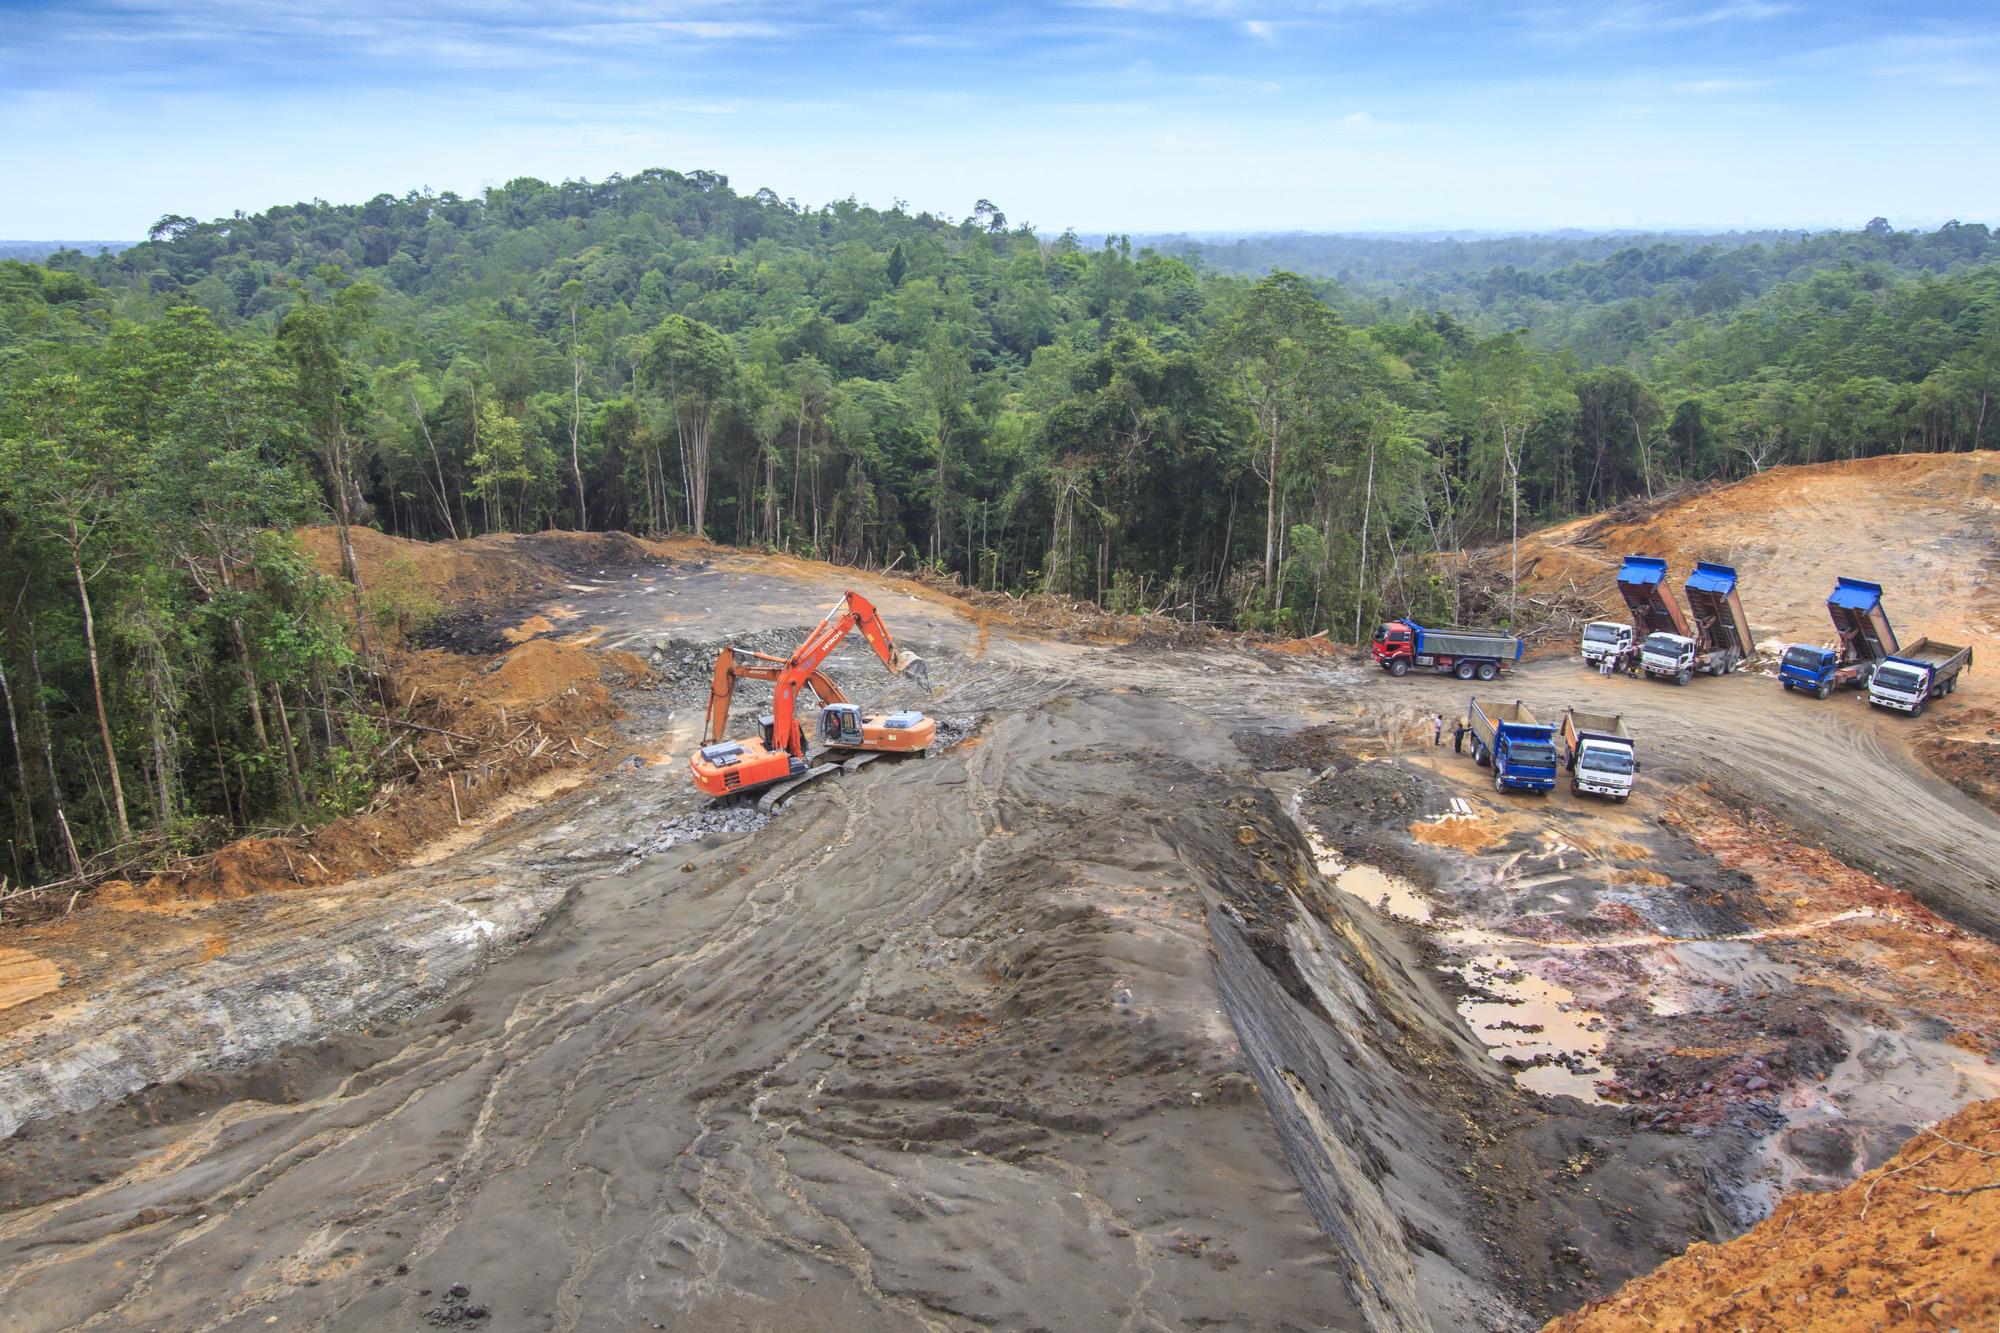 Deforestation-72 ppi